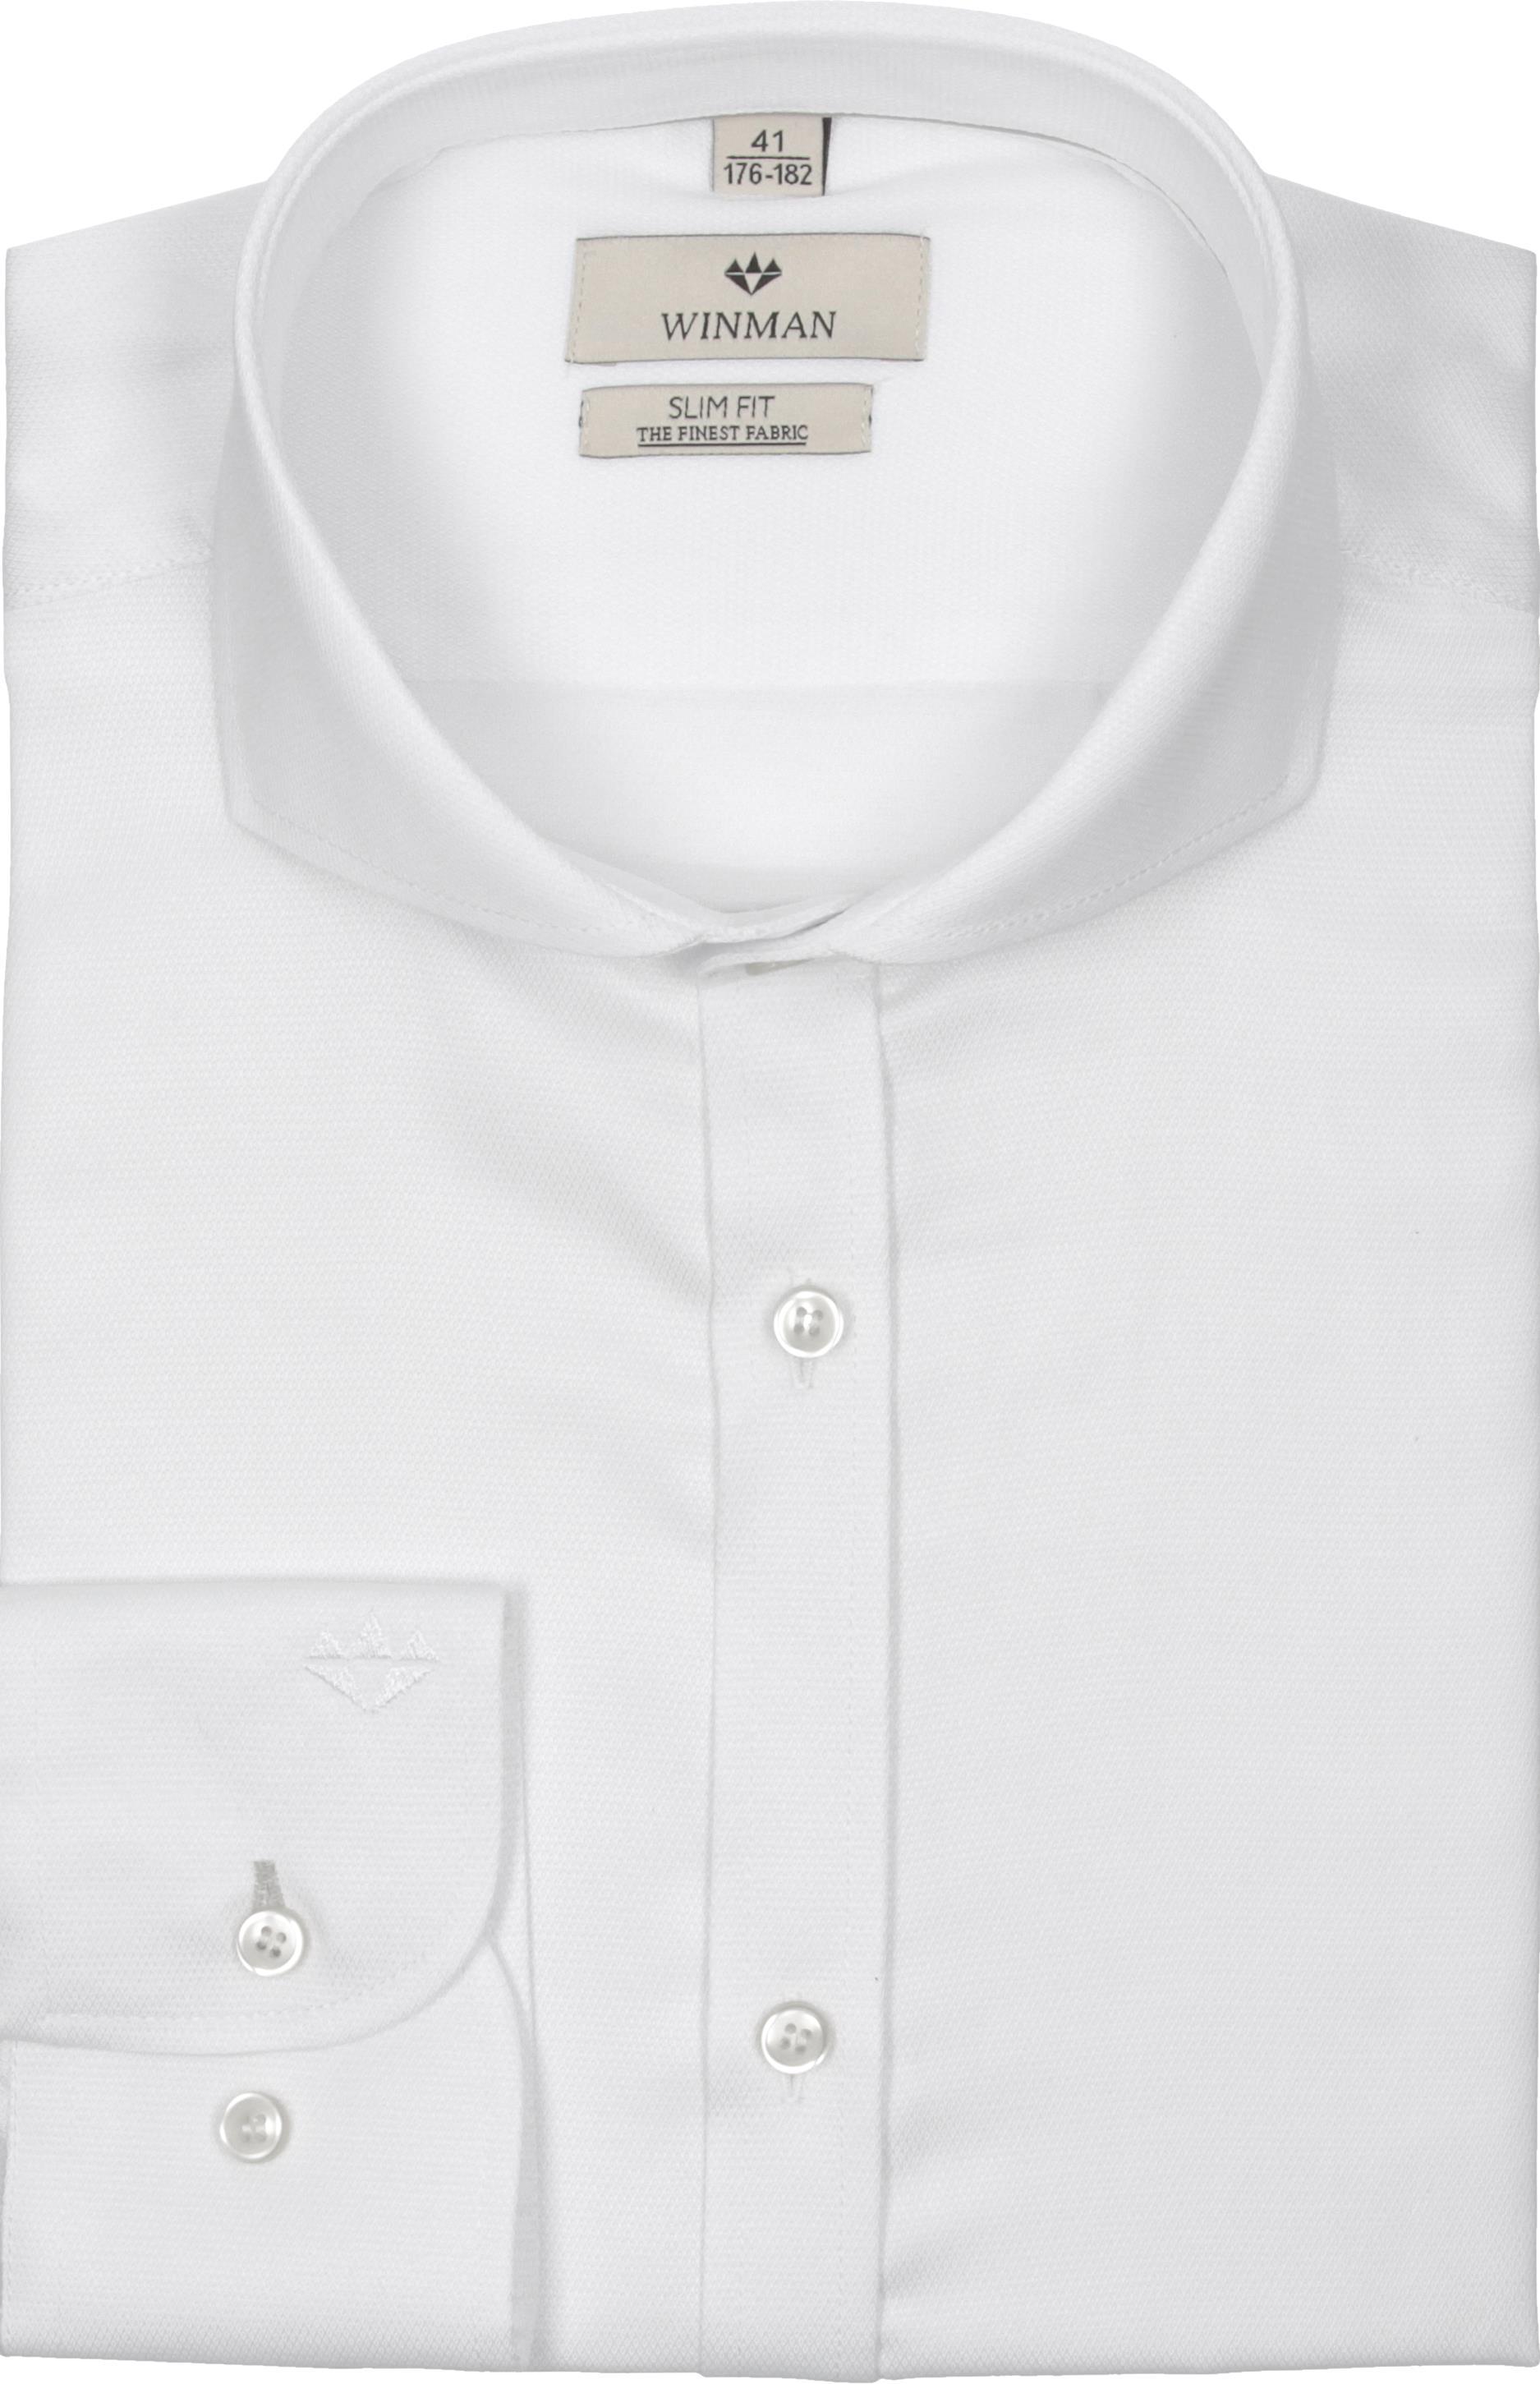 72b60c65506b9 Kupić.pl - Recman - koszula wincode 2110 długi rękaw slim fit biały